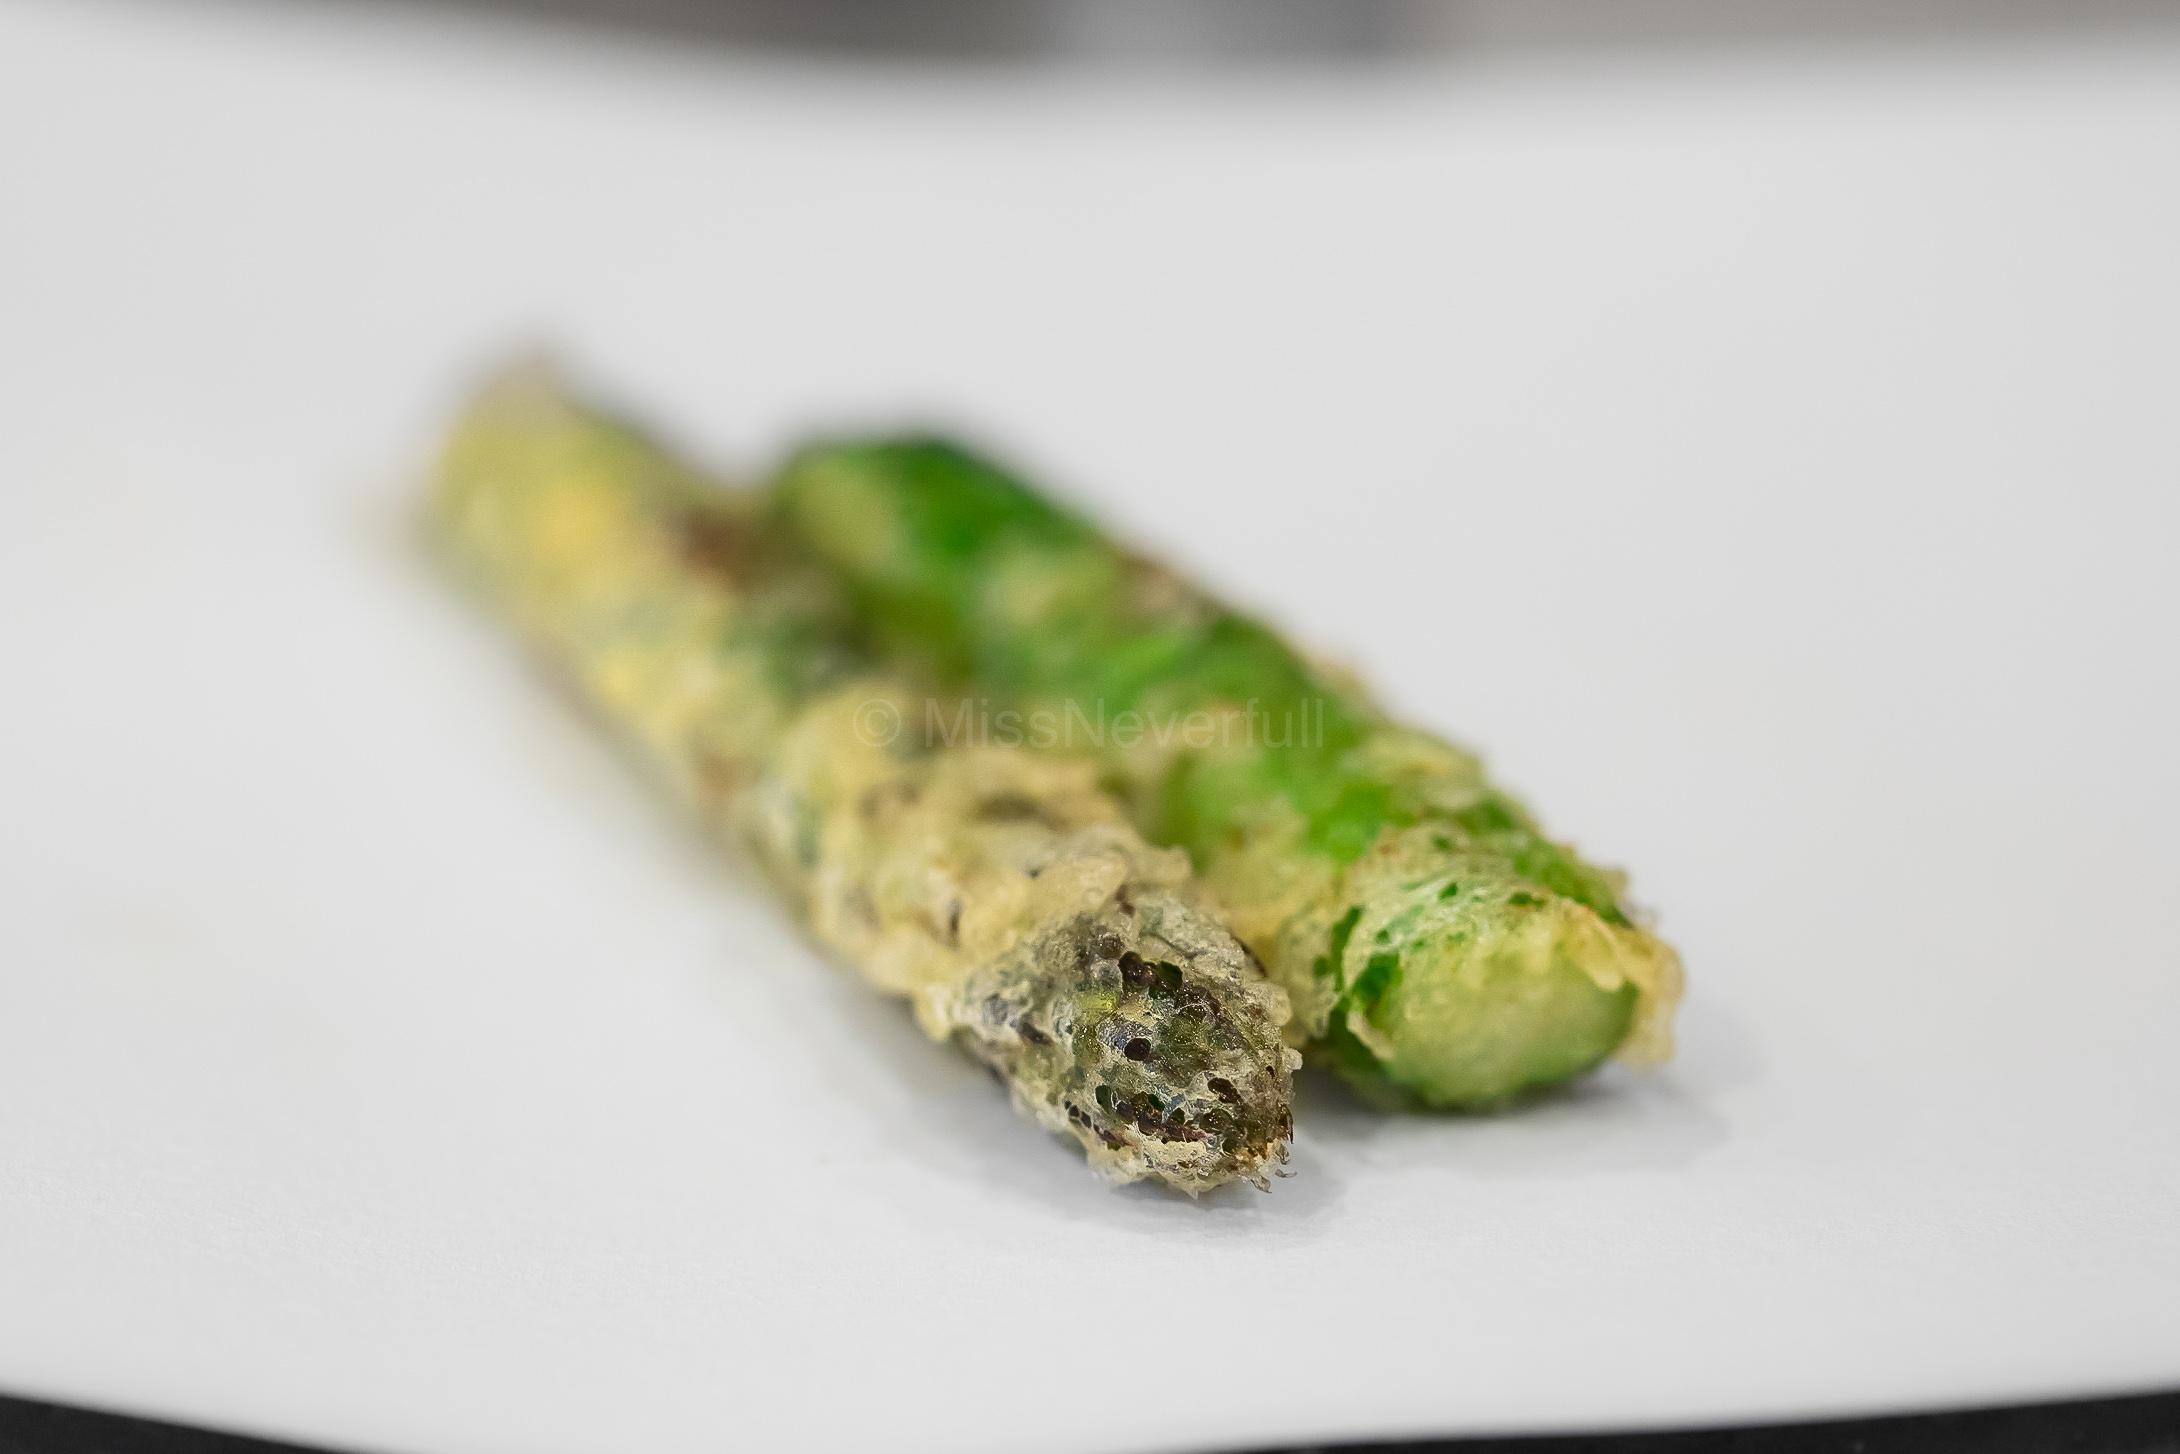 3. Asparagus